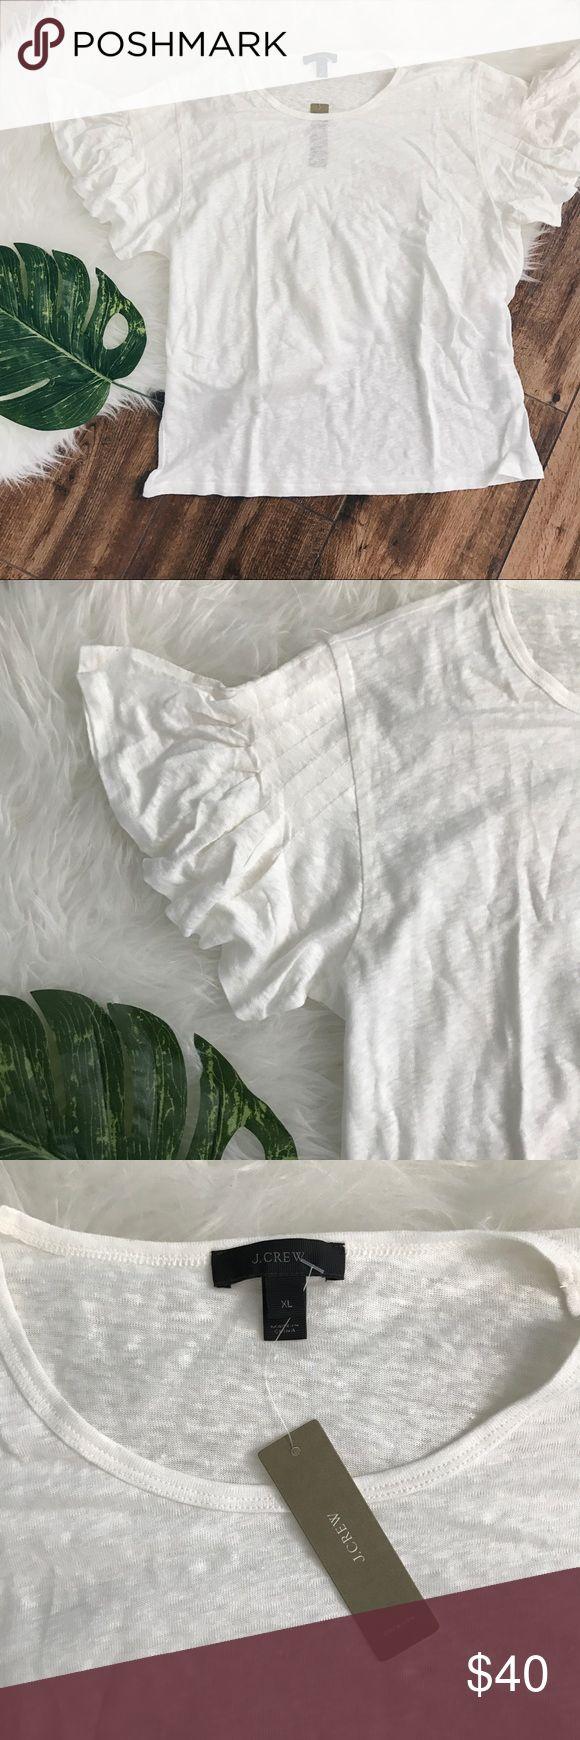 J Crew • New Cream Linen Flutter Ruffle Sleeve Tee NWT J Crew women's cream colored ruffle flutter sleeve shirt in size XL. 100% Linen.   No Trades!! 1104nr J. Crew Tops Tees - Short Sleeve